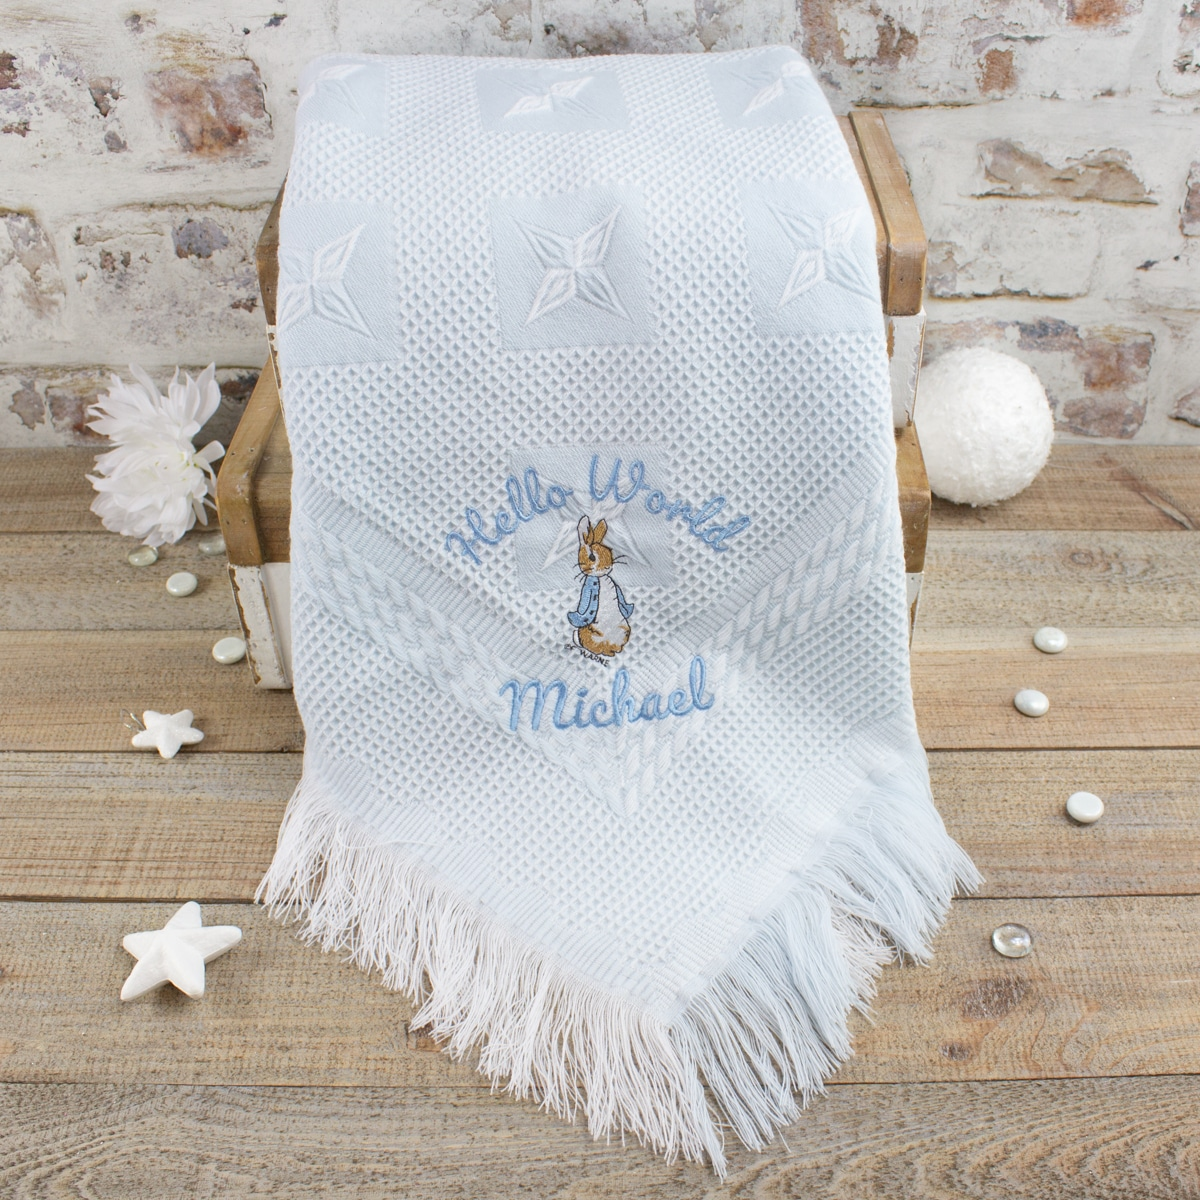 Personalised Blue Peter Rabbit Baby Blanket